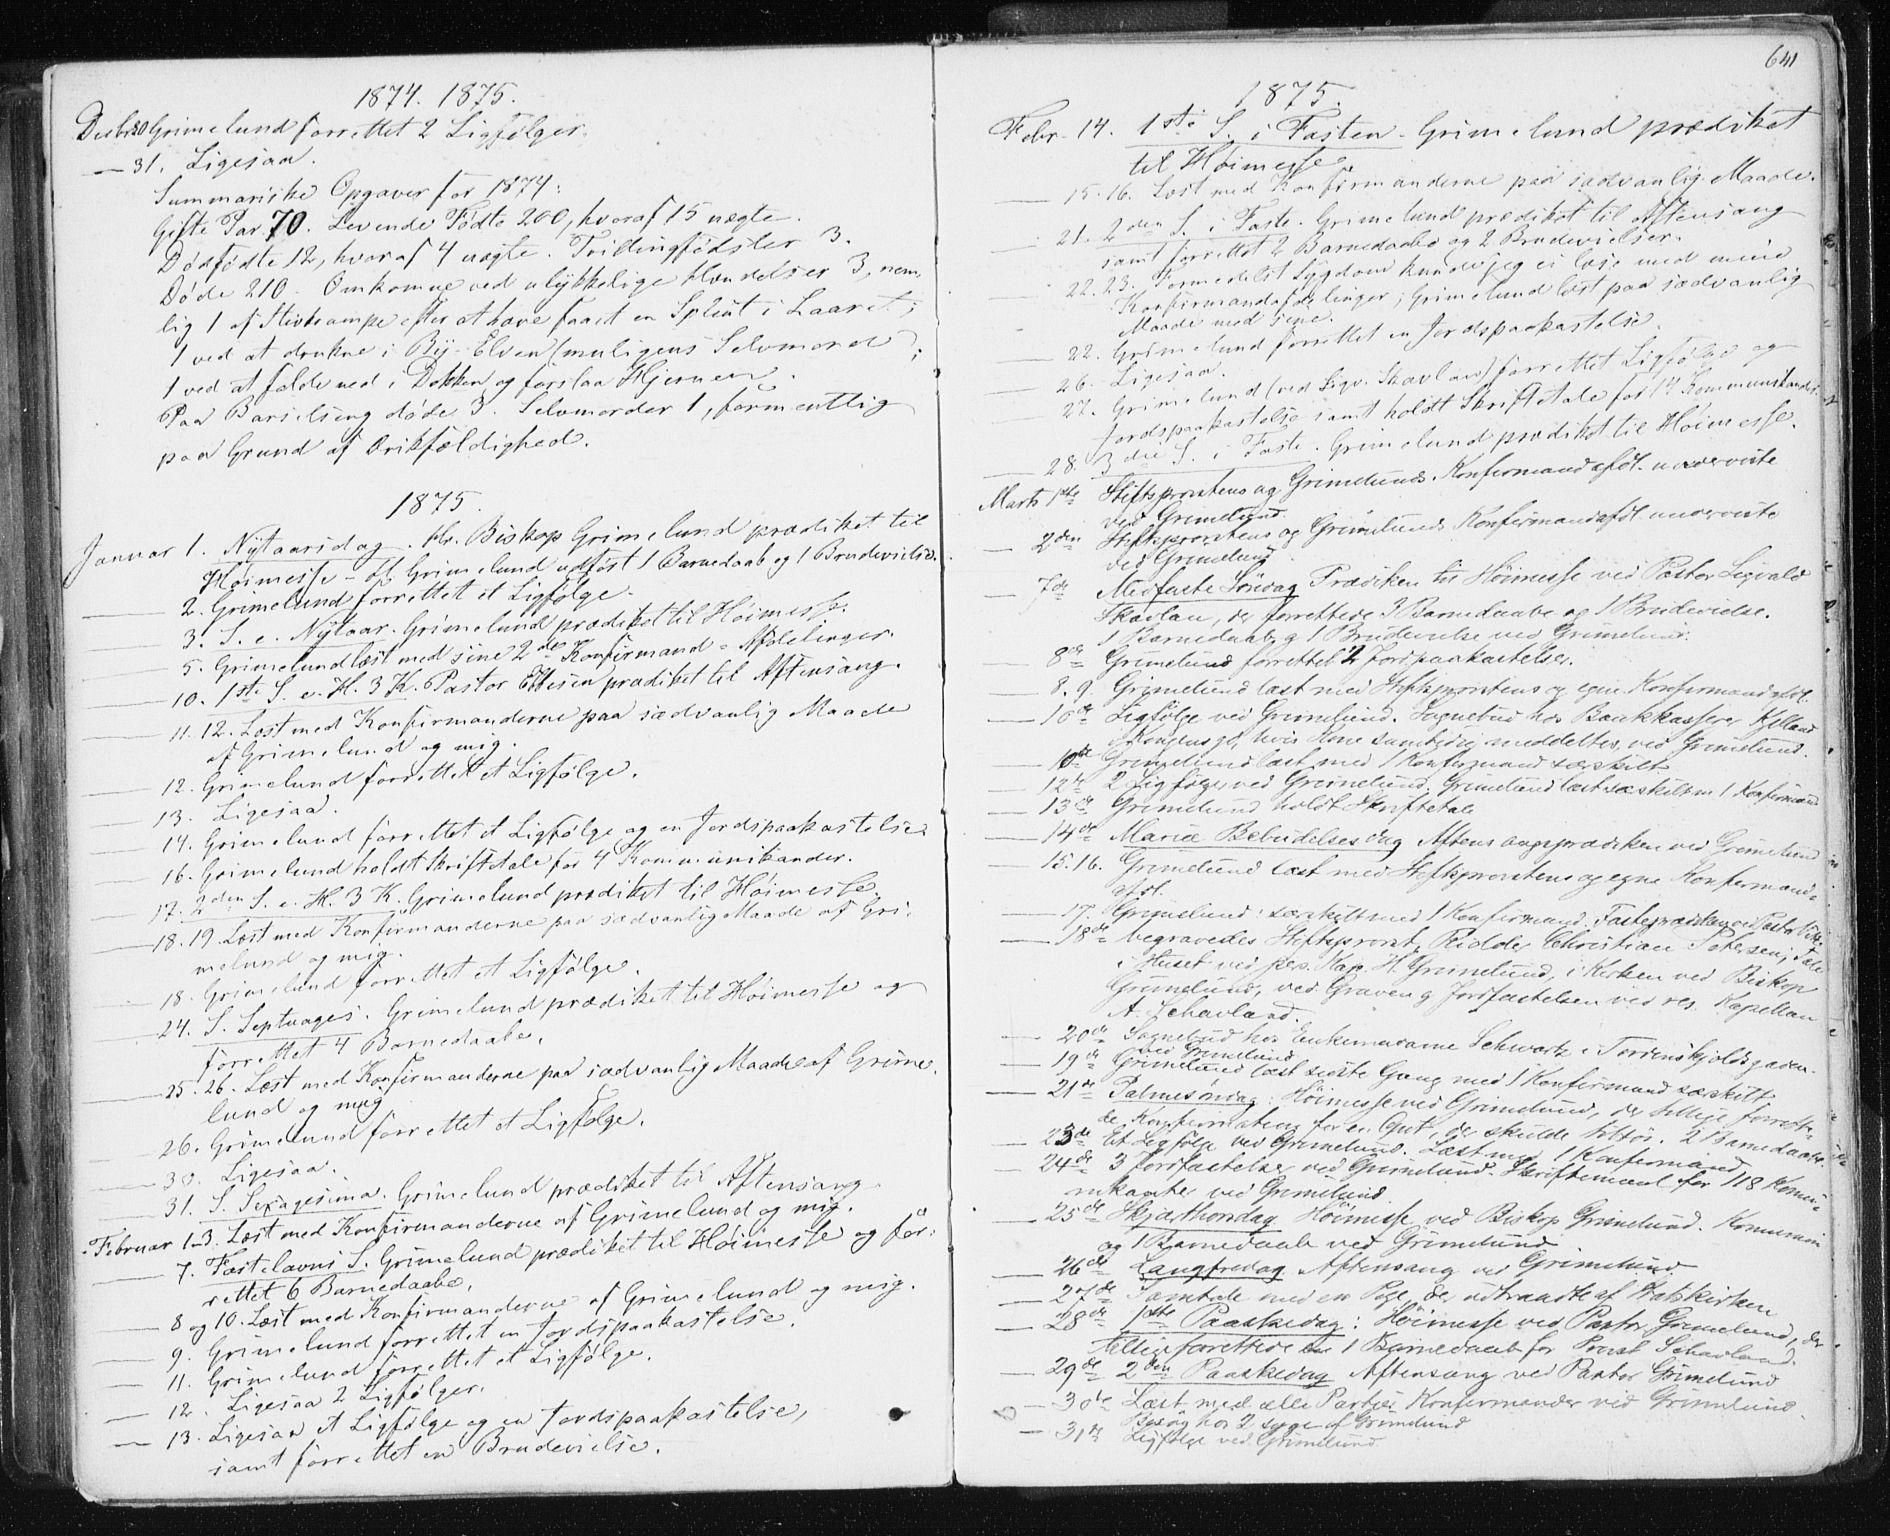 SAT, Ministerialprotokoller, klokkerbøker og fødselsregistre - Sør-Trøndelag, 601/L0055: Ministerialbok nr. 601A23, 1866-1877, s. 641